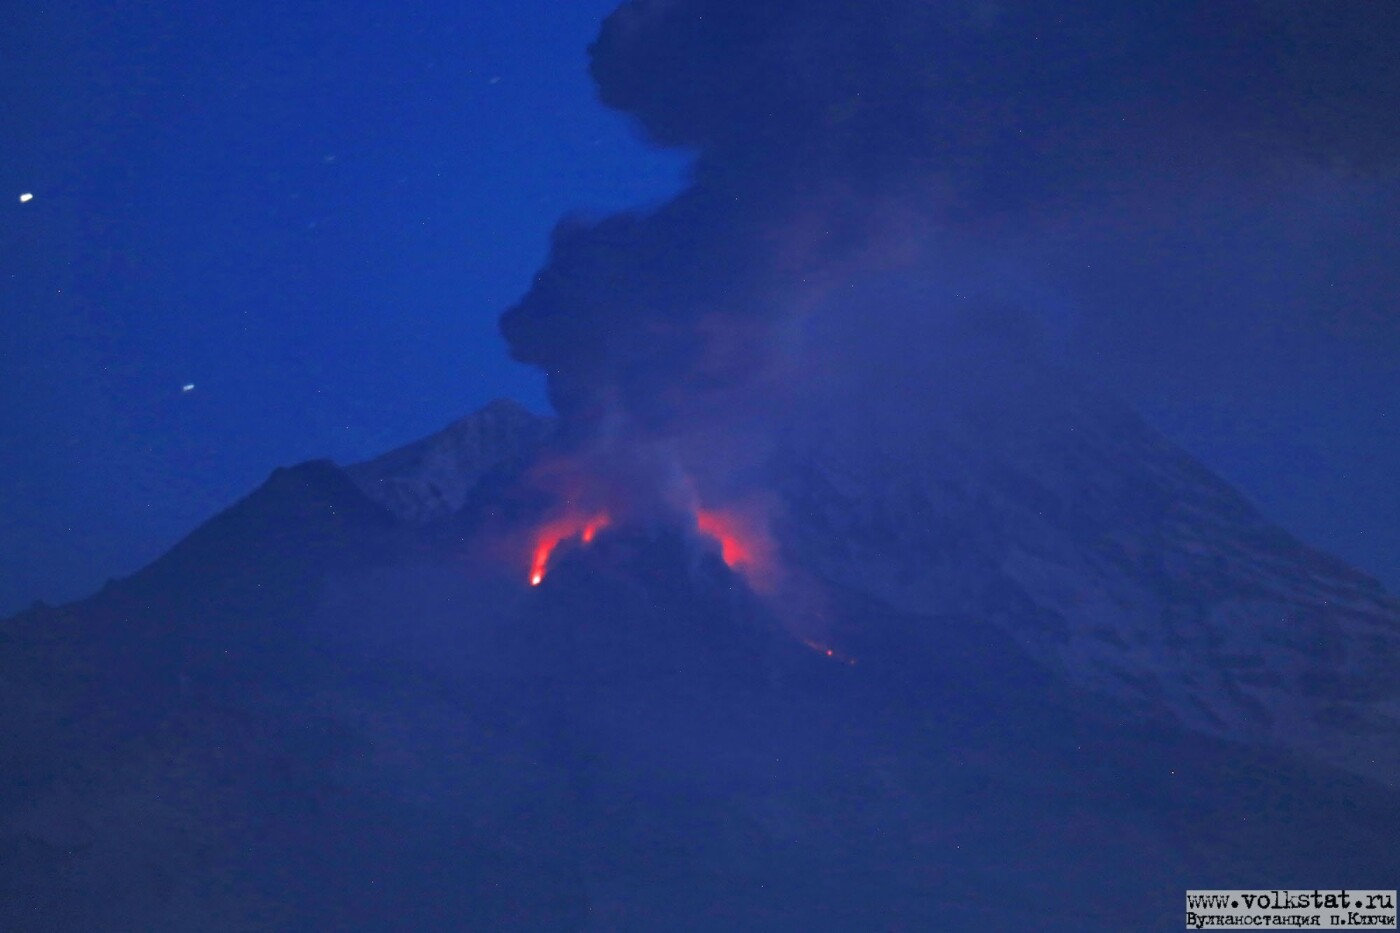 Сильное извержение вулкана может произойти на Камчатке, фото-12